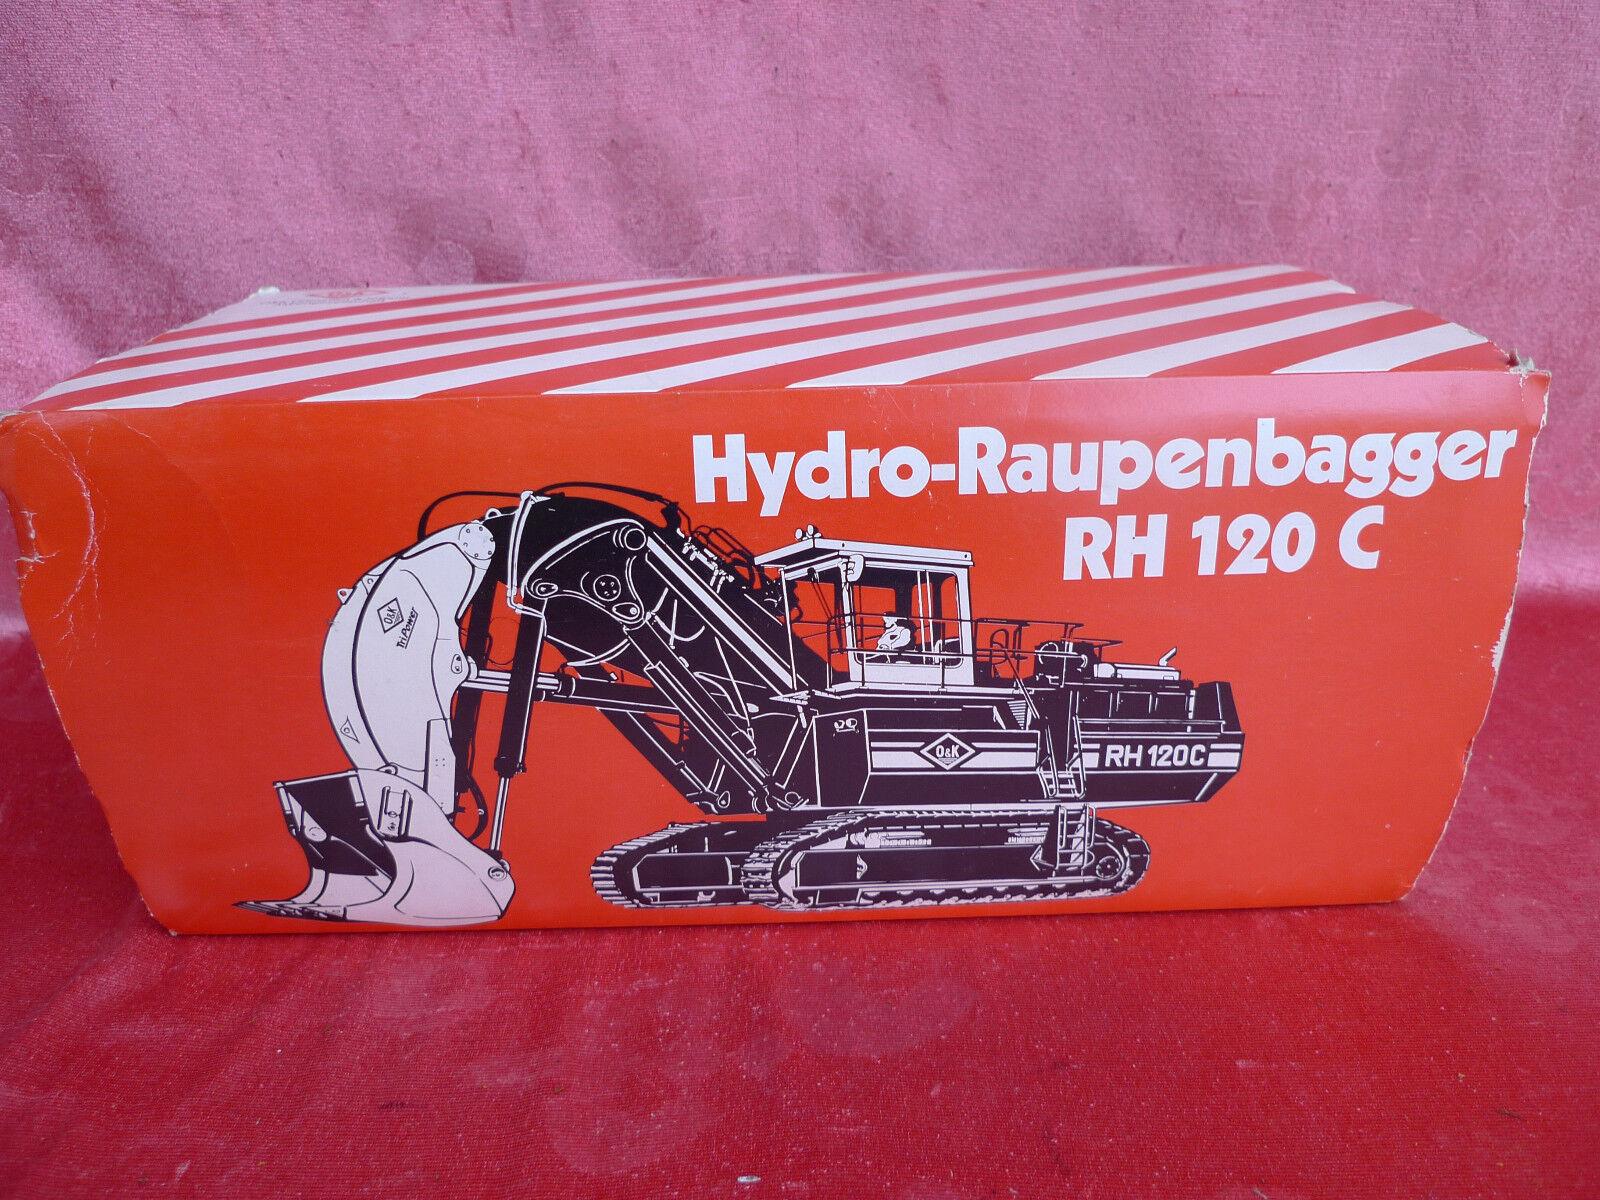 Bella modelffahrzeug __ Hydro-privandole Escavatore __ RH 120 C __ 2771 __ 1 50